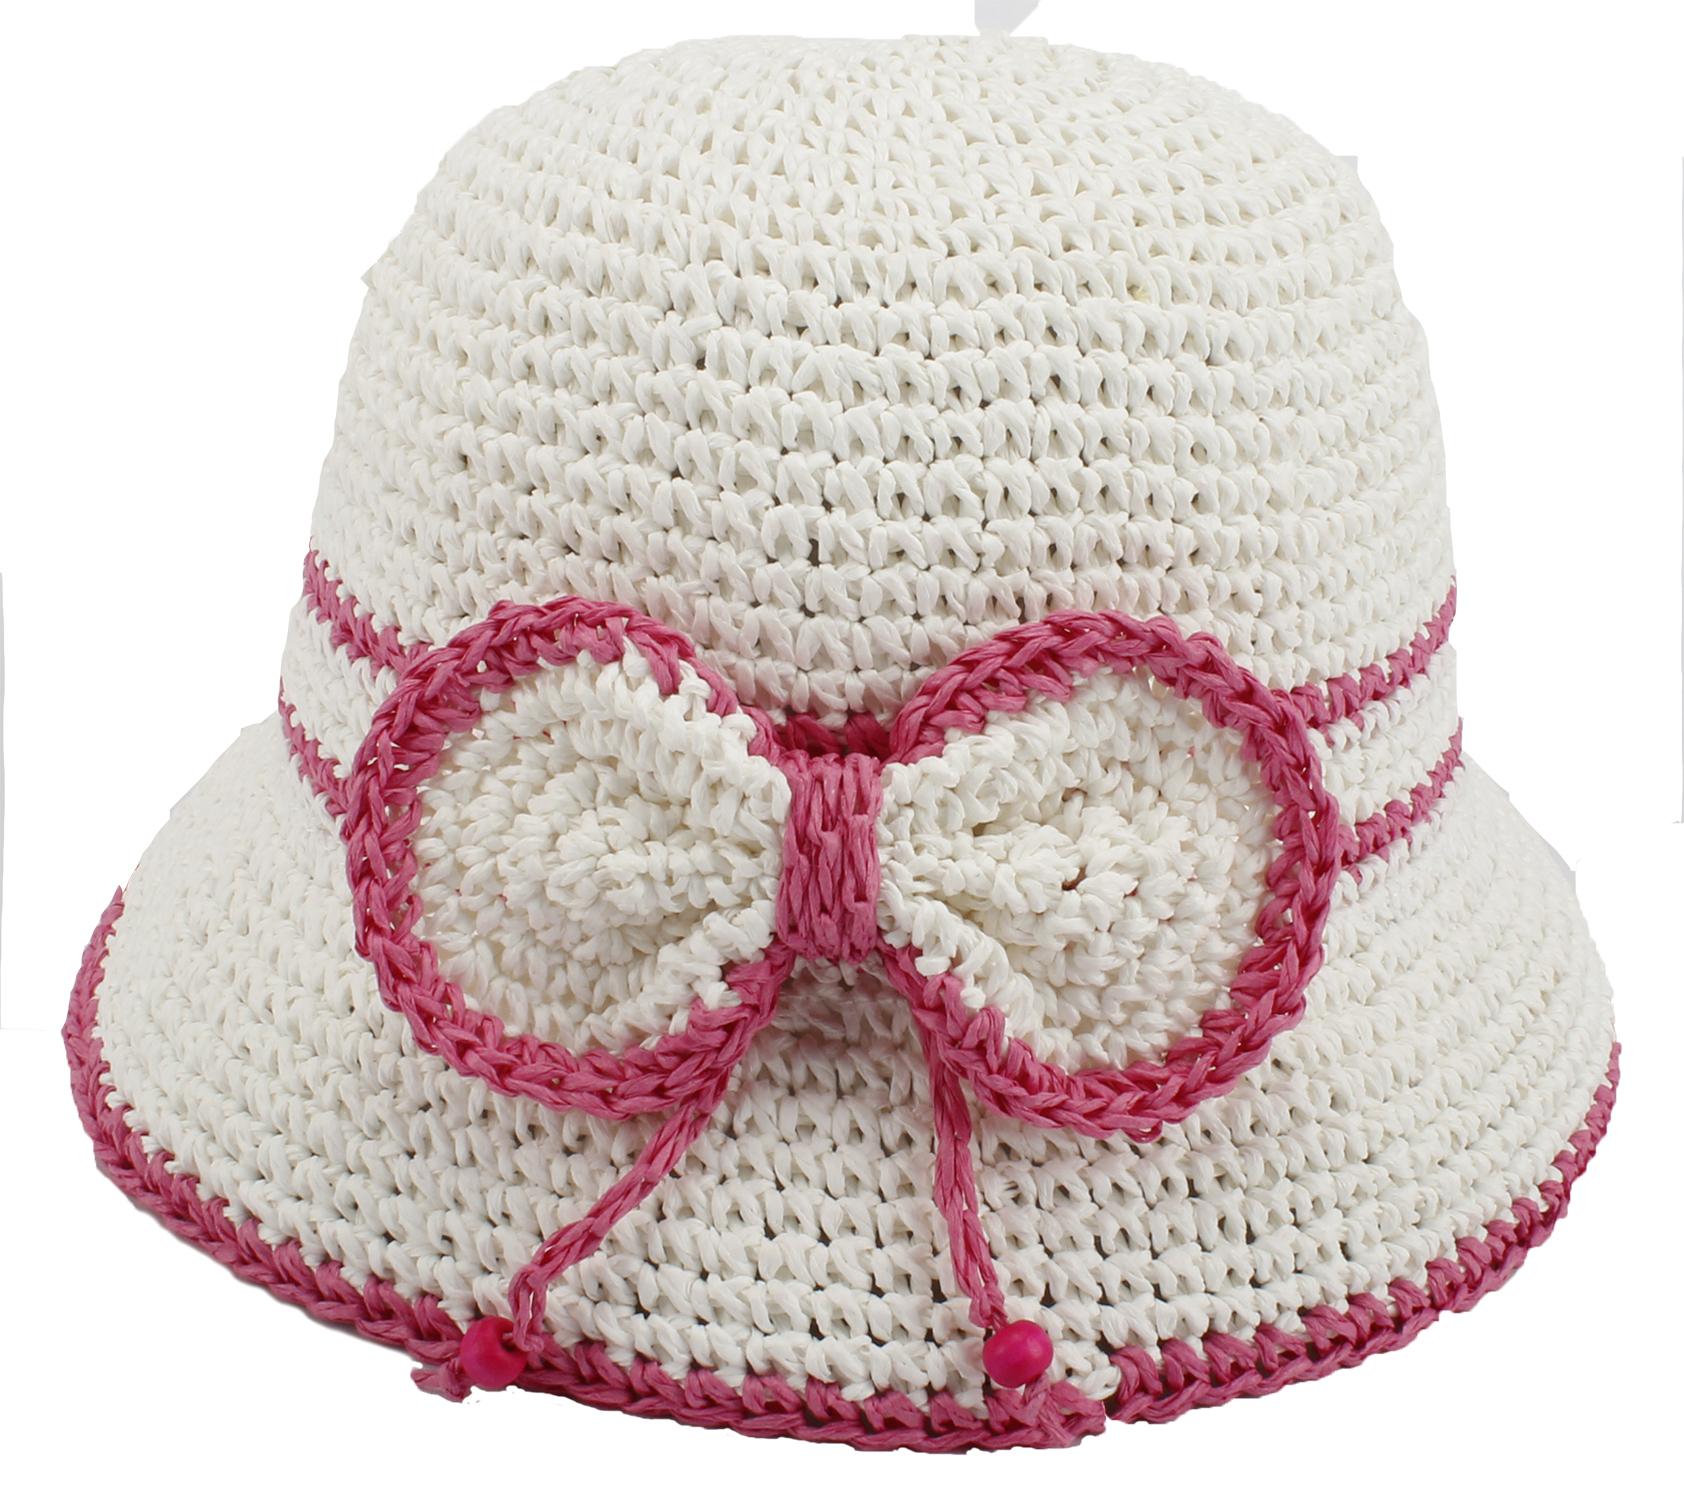 Neue Stil Kinder Hüte,Mädchen Der Gehäkelte Hüte,Handgemachte Mit ...